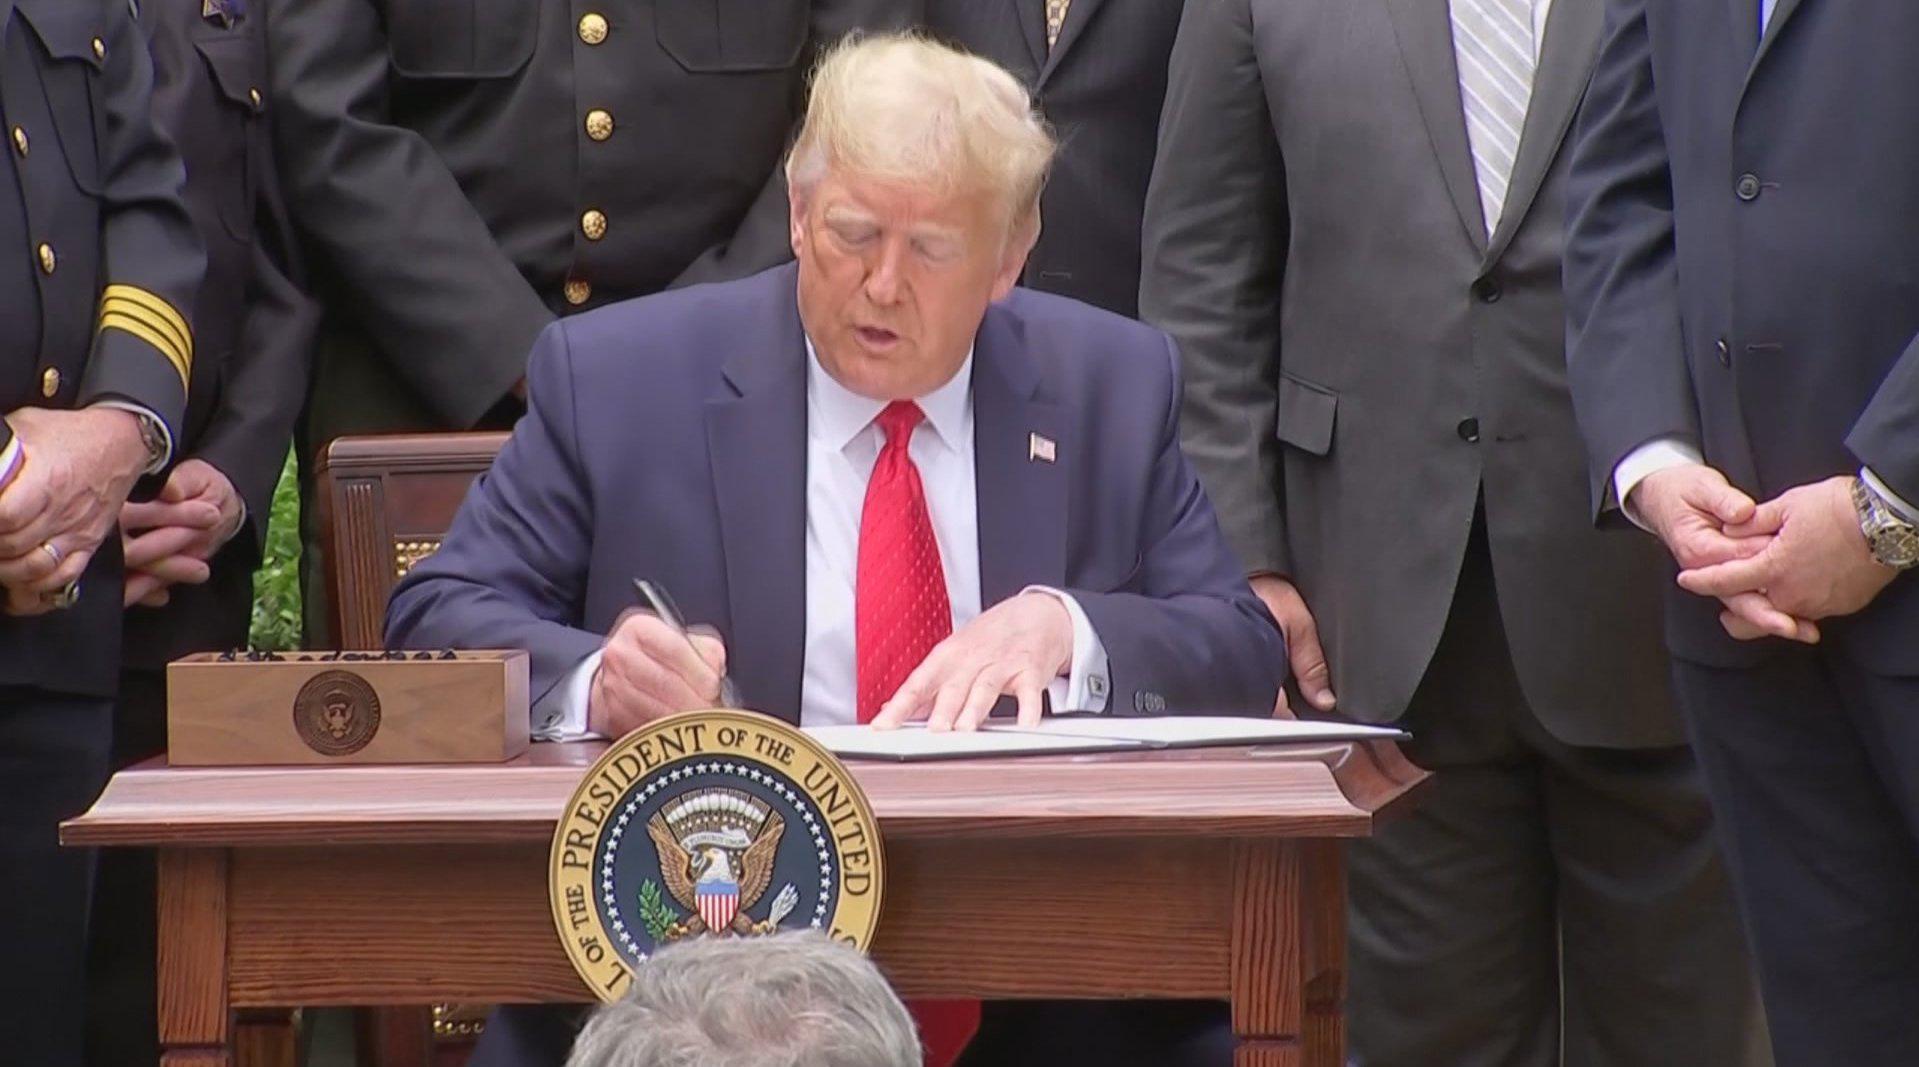 美俄有望续订《新削减战略武器条约》特朗普被指出于选举考量